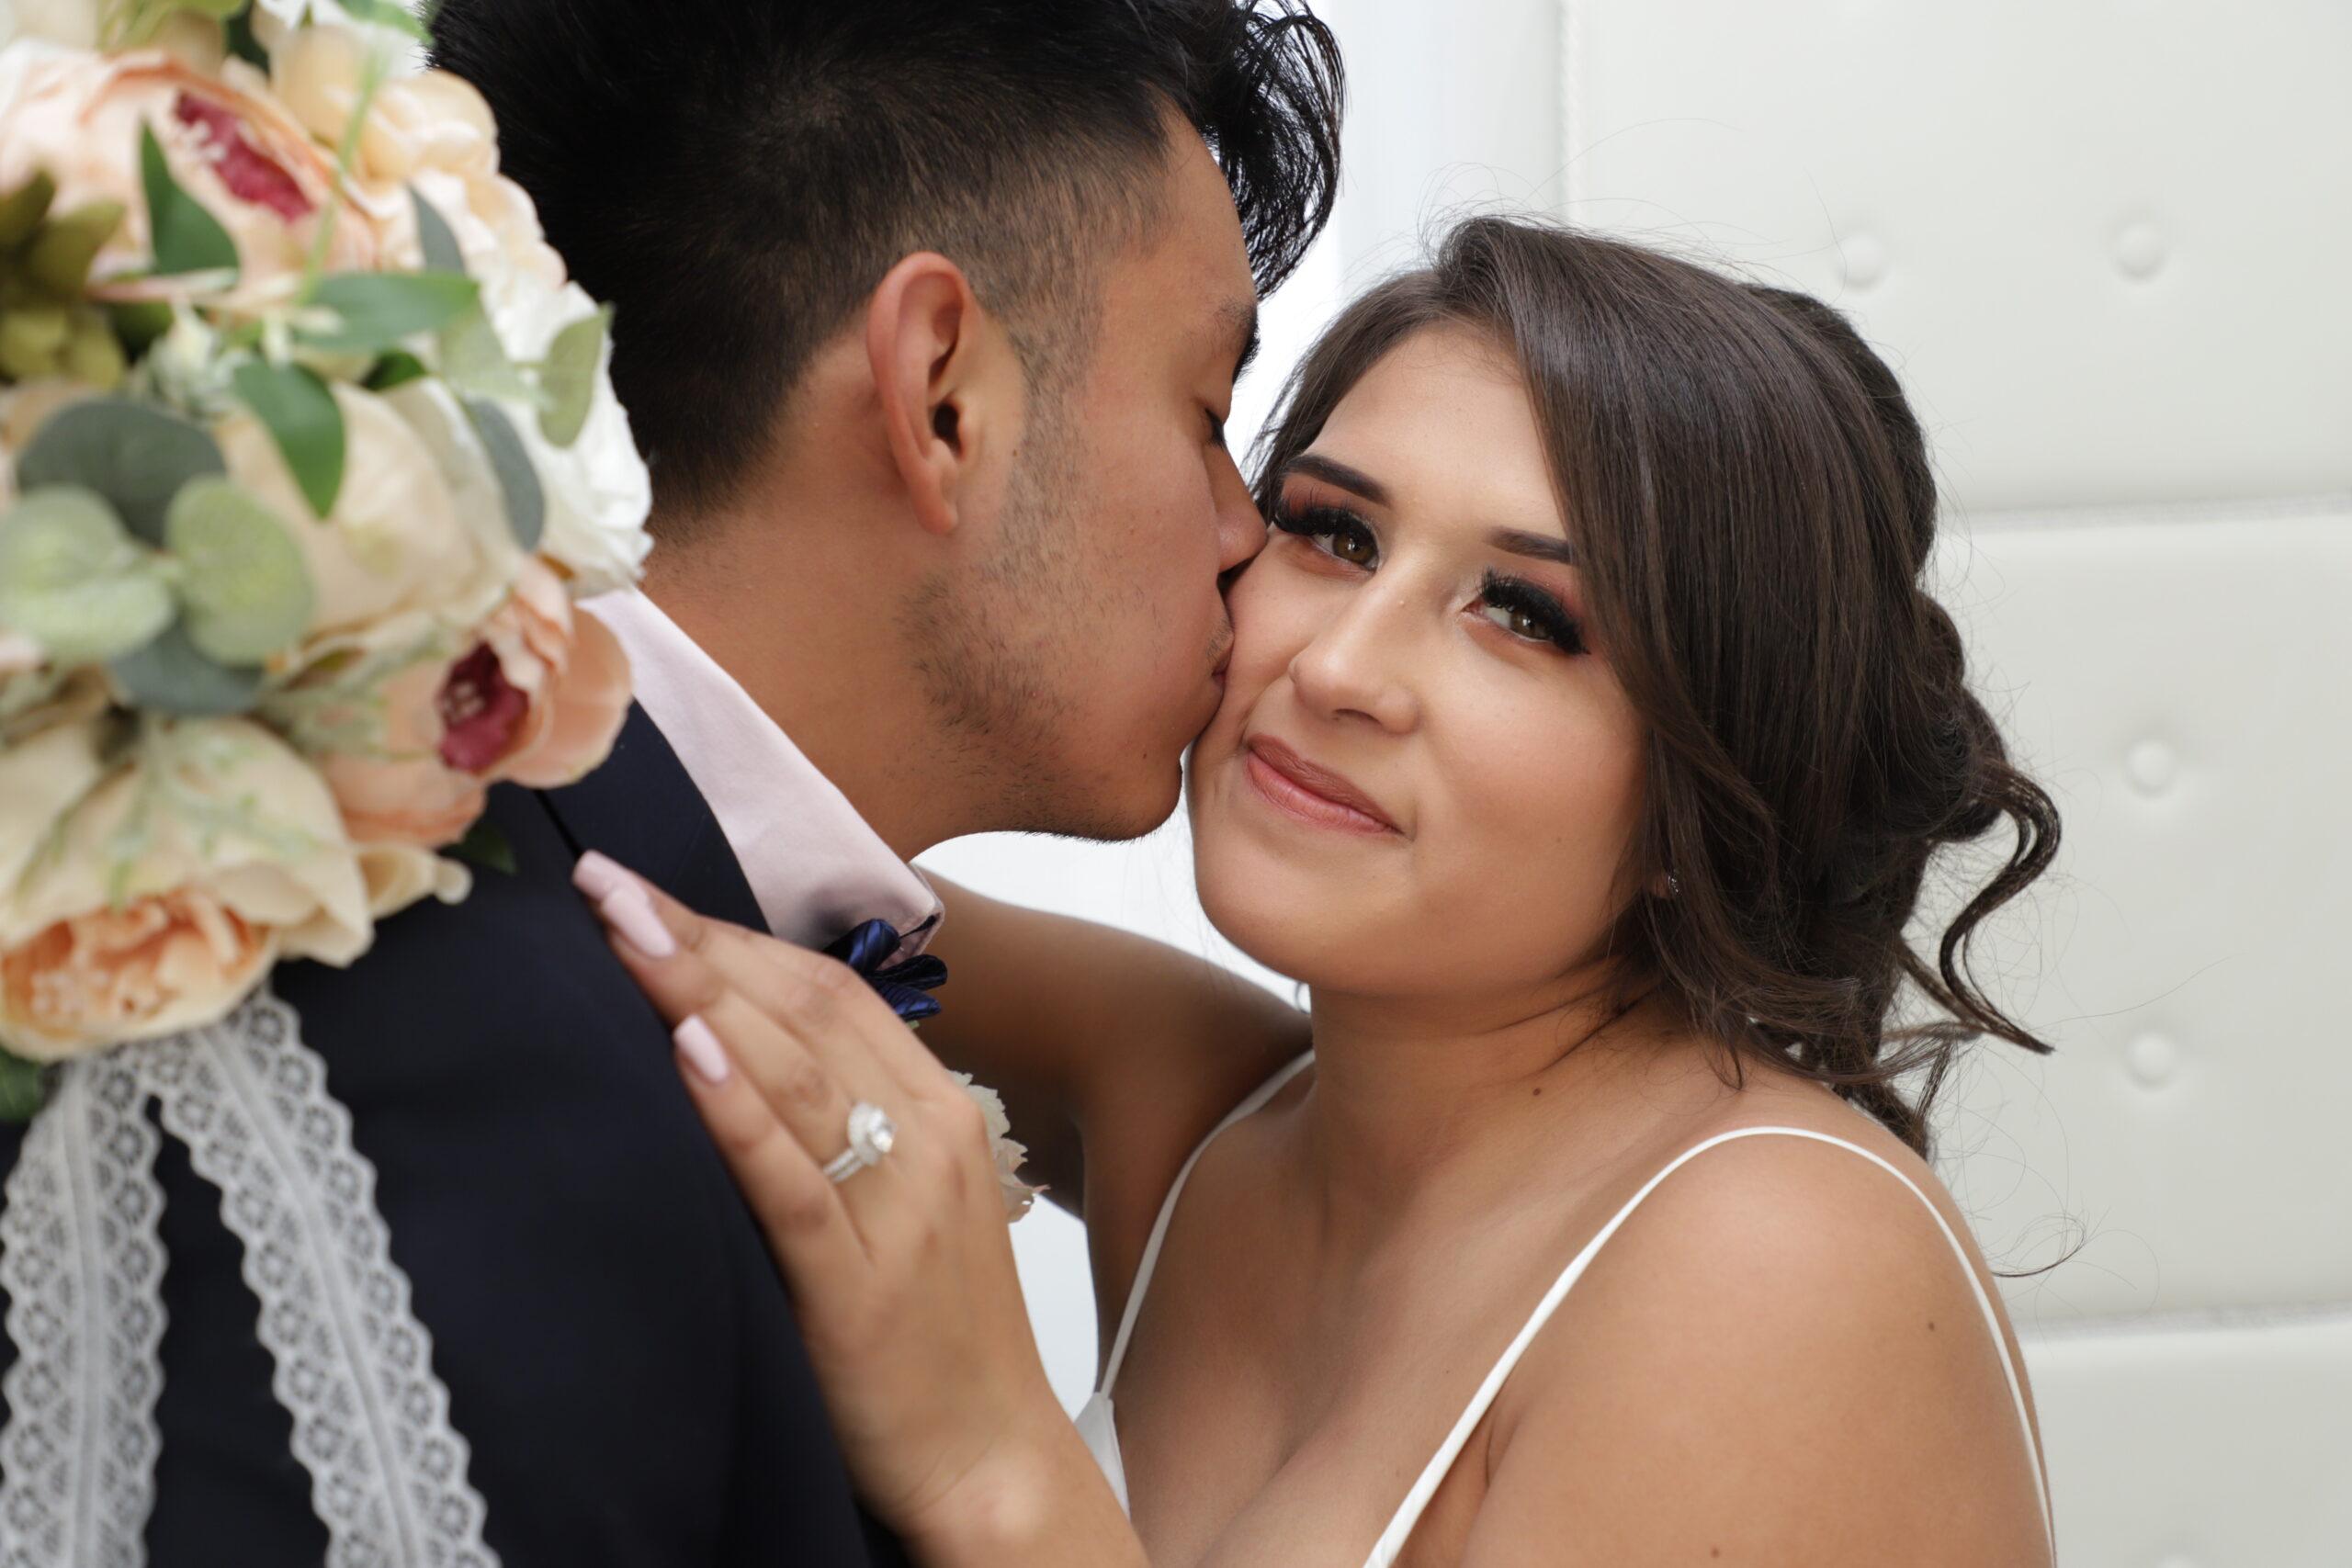 las vegas wedding chapel packages